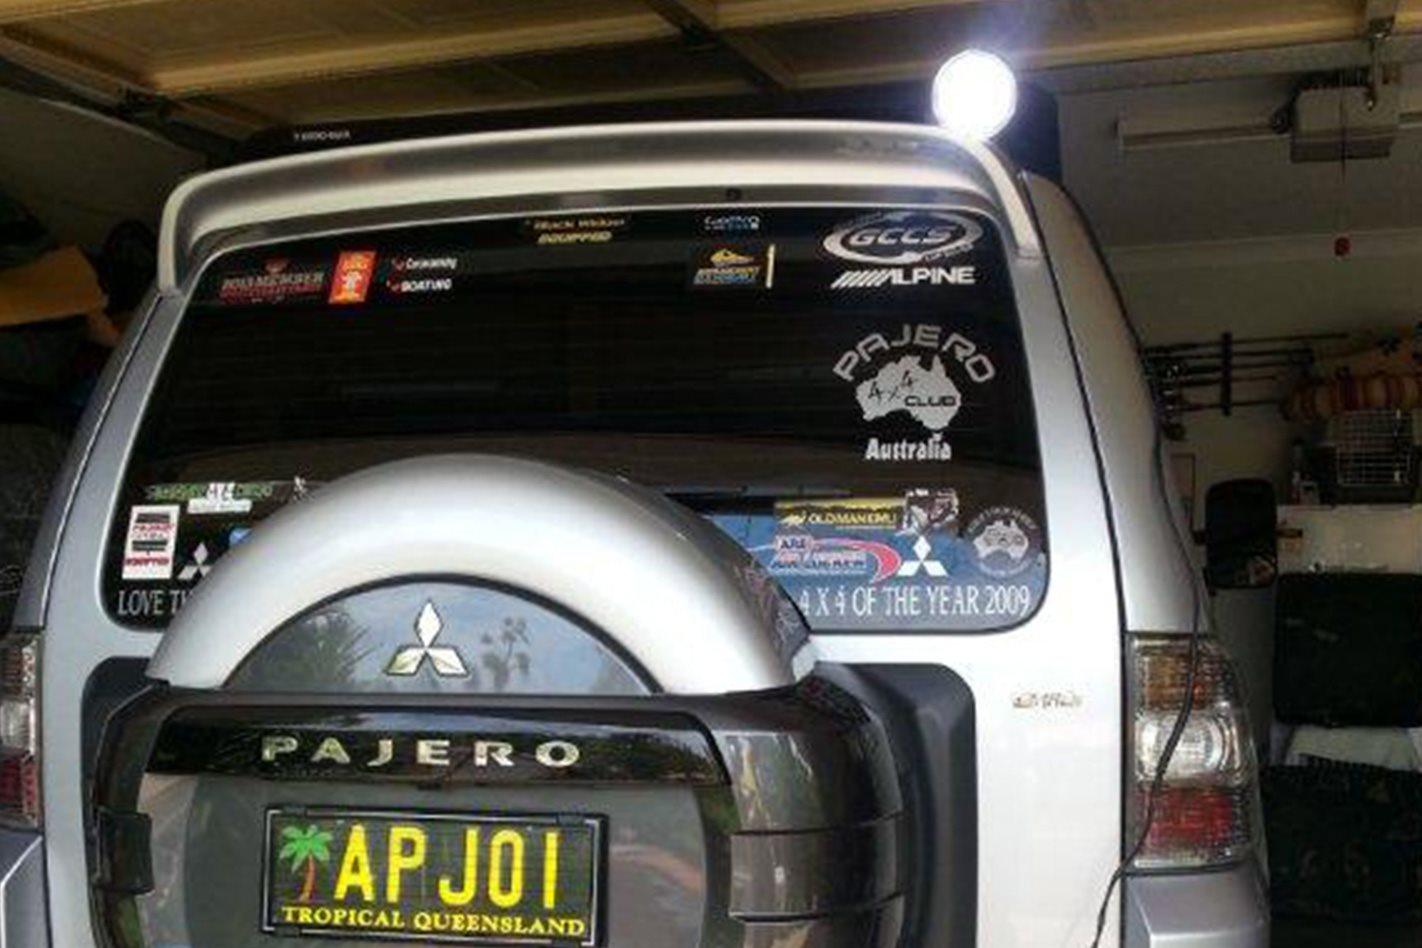 Mitsubishi Pajero custom LED lights